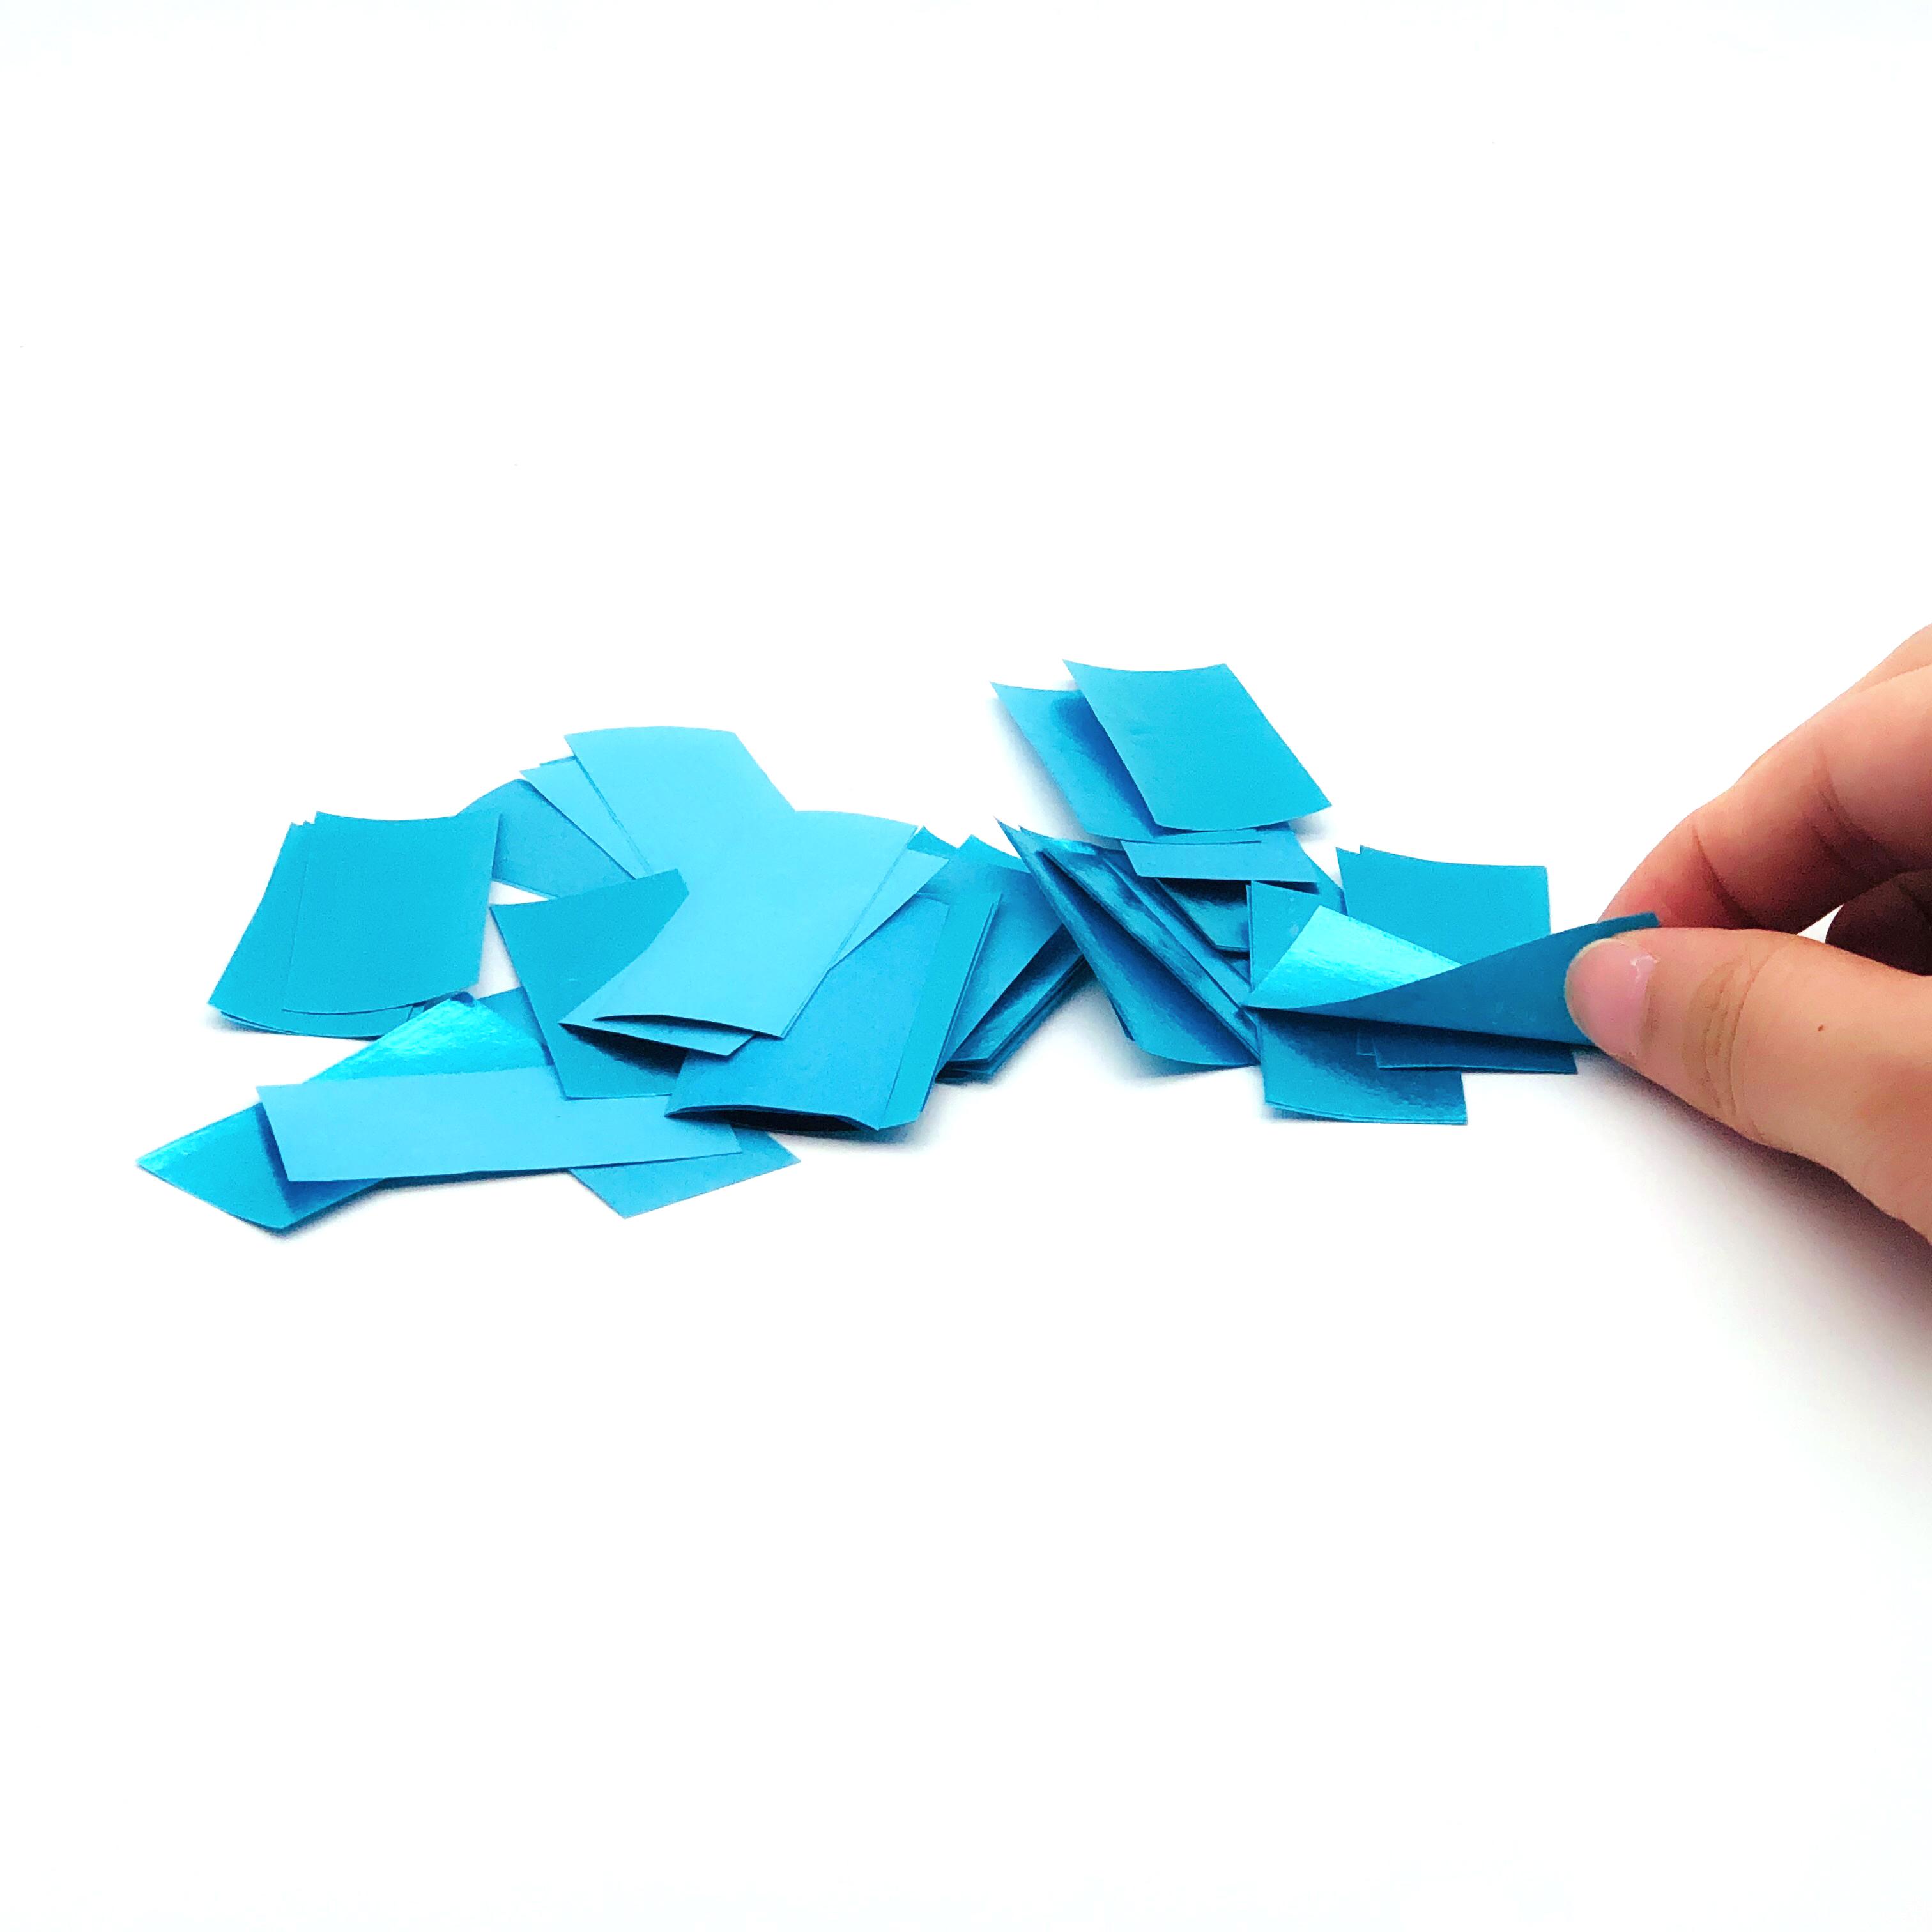 Boomwow new eco 100% biodegradable shiny blue but non metallic tissue paper confetti